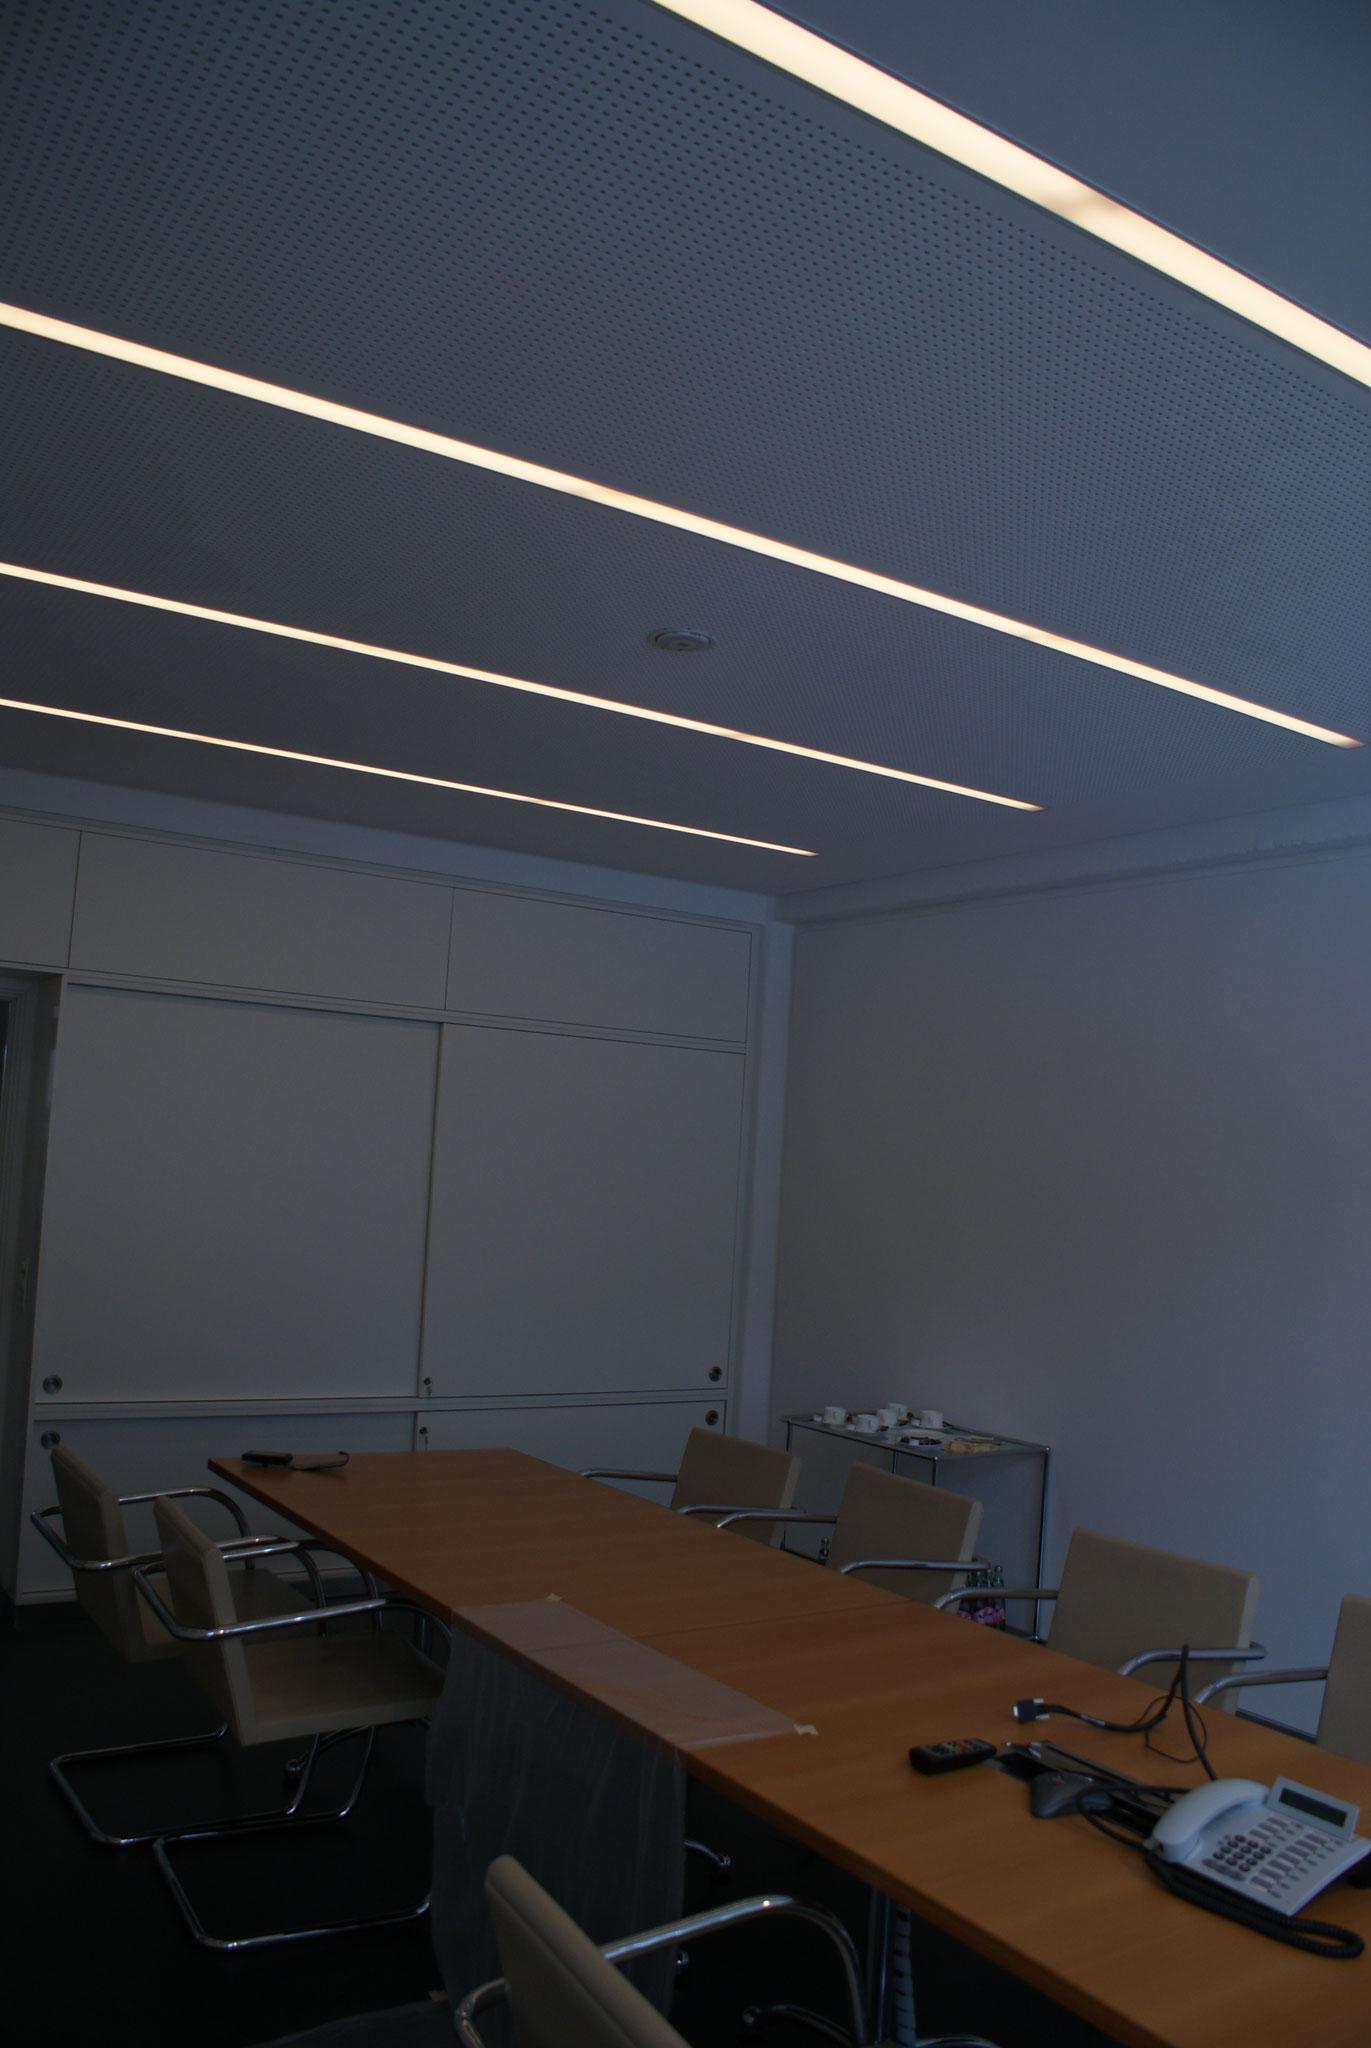 Akustikdecke mit integrierten Leuchten